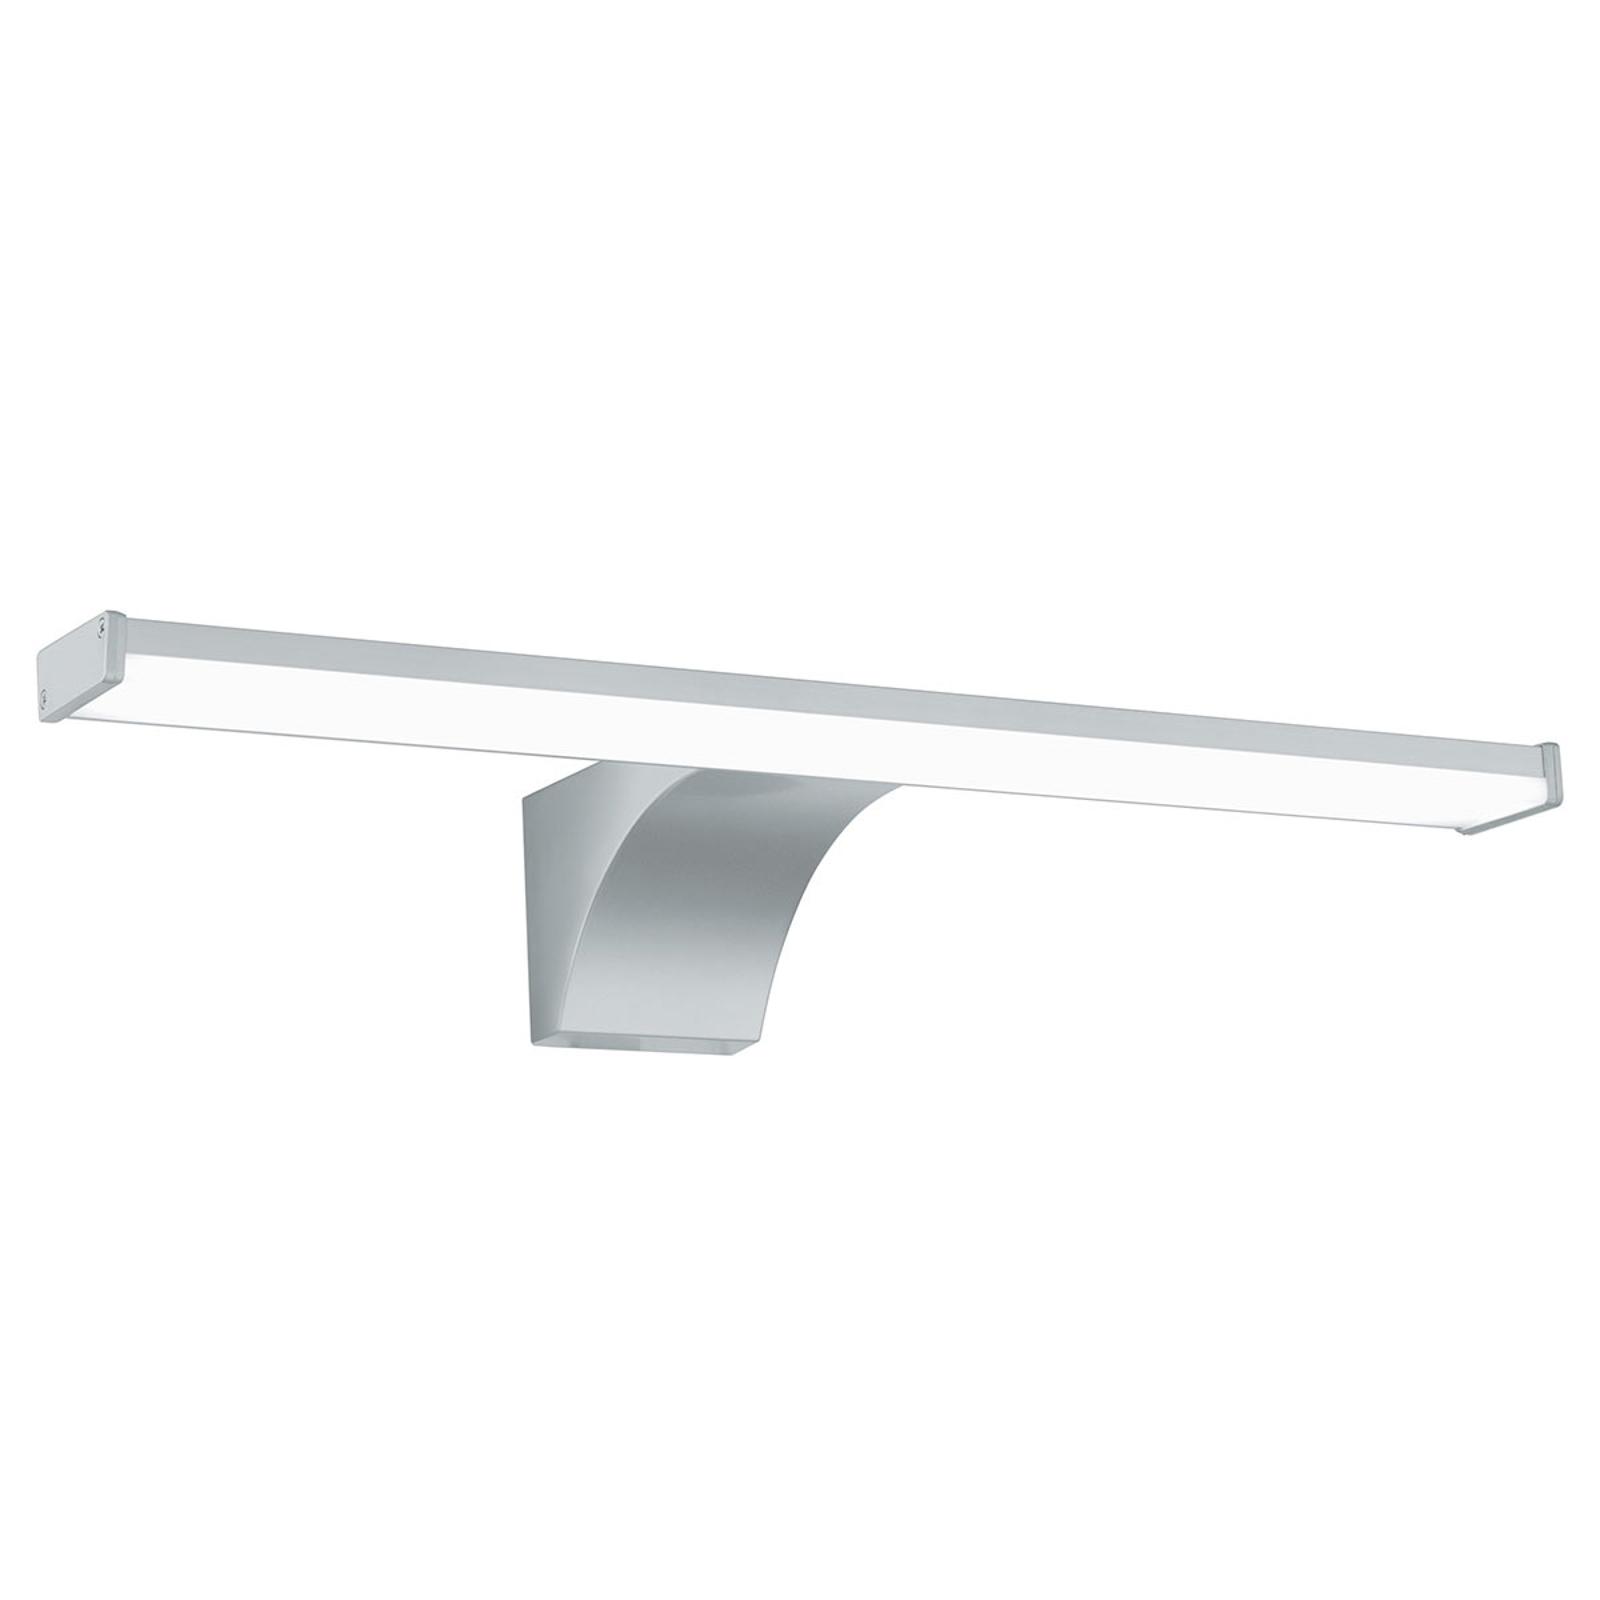 Applique pour miroir LED Pandella 2 IP44